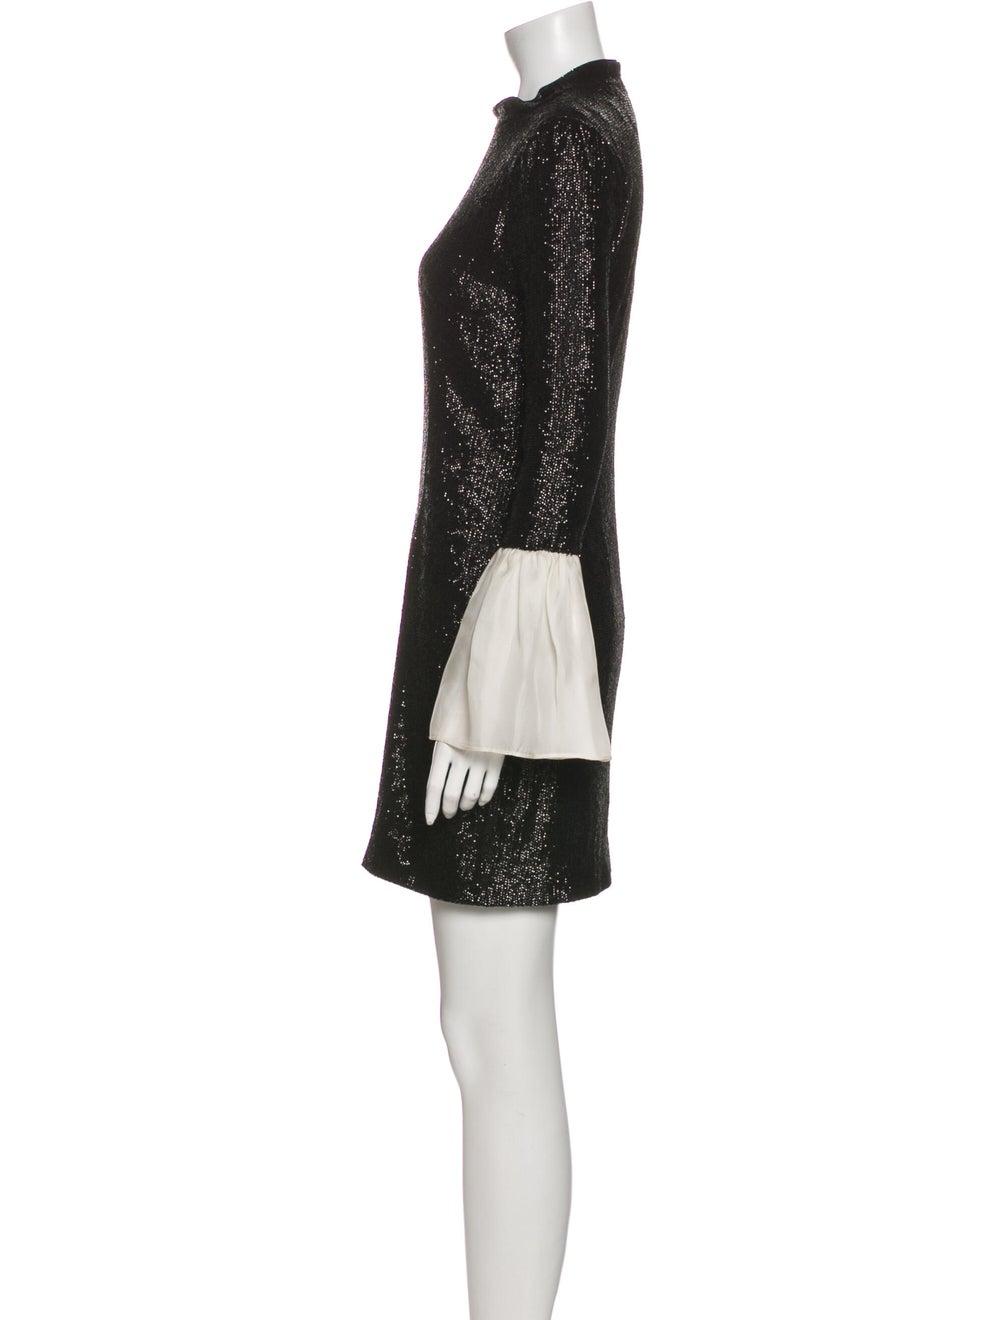 Rachel Zoe Crew Neck Mini Dress Black - image 2